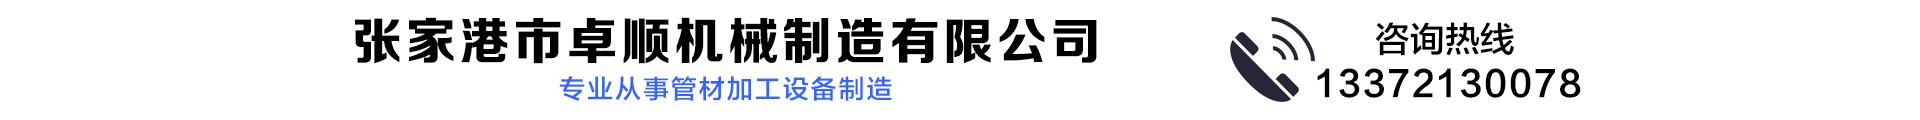 张家港市卓顺机械制造有限公司